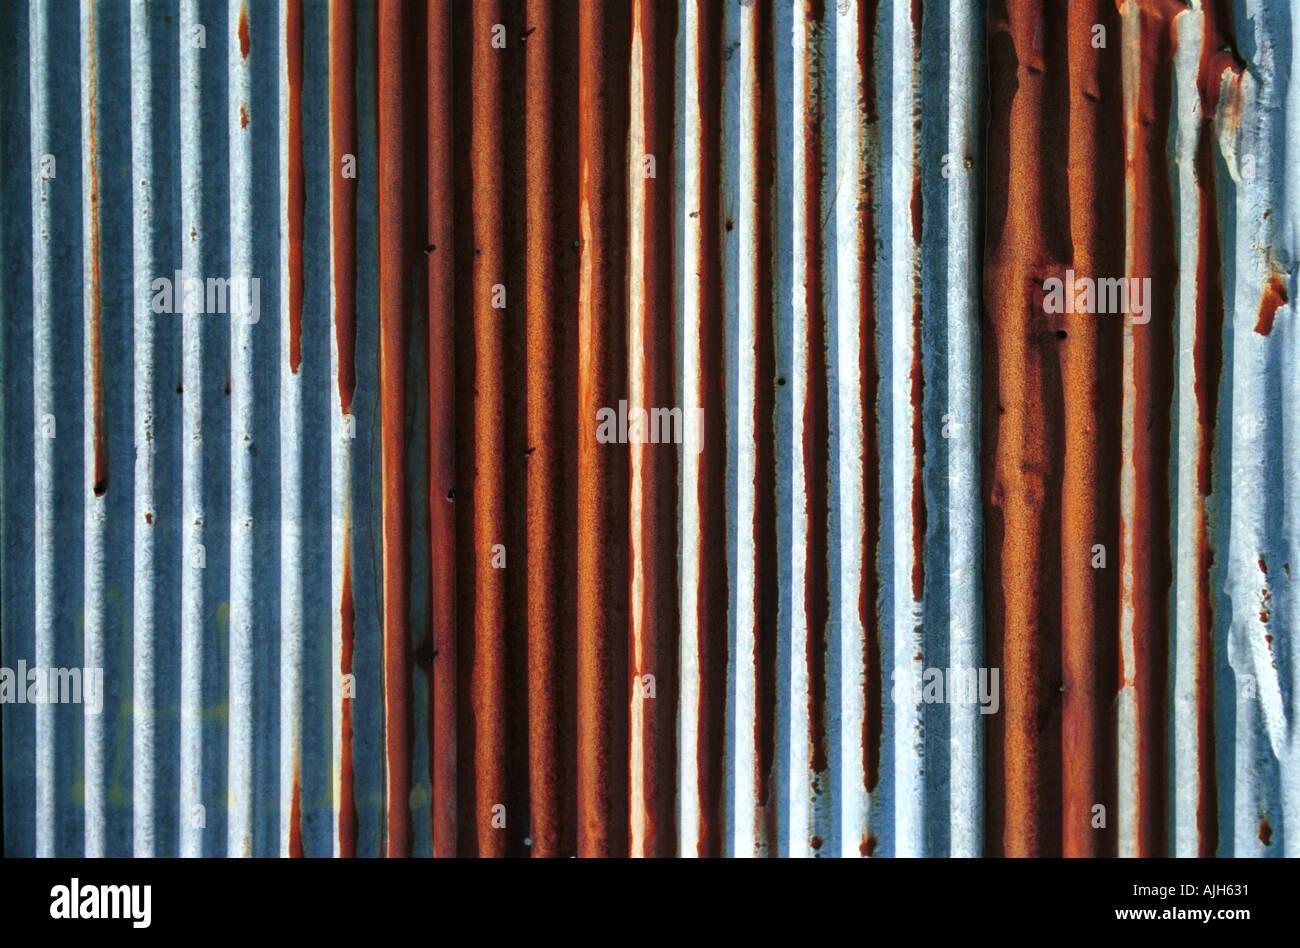 Corrugated Iron - Stock Image